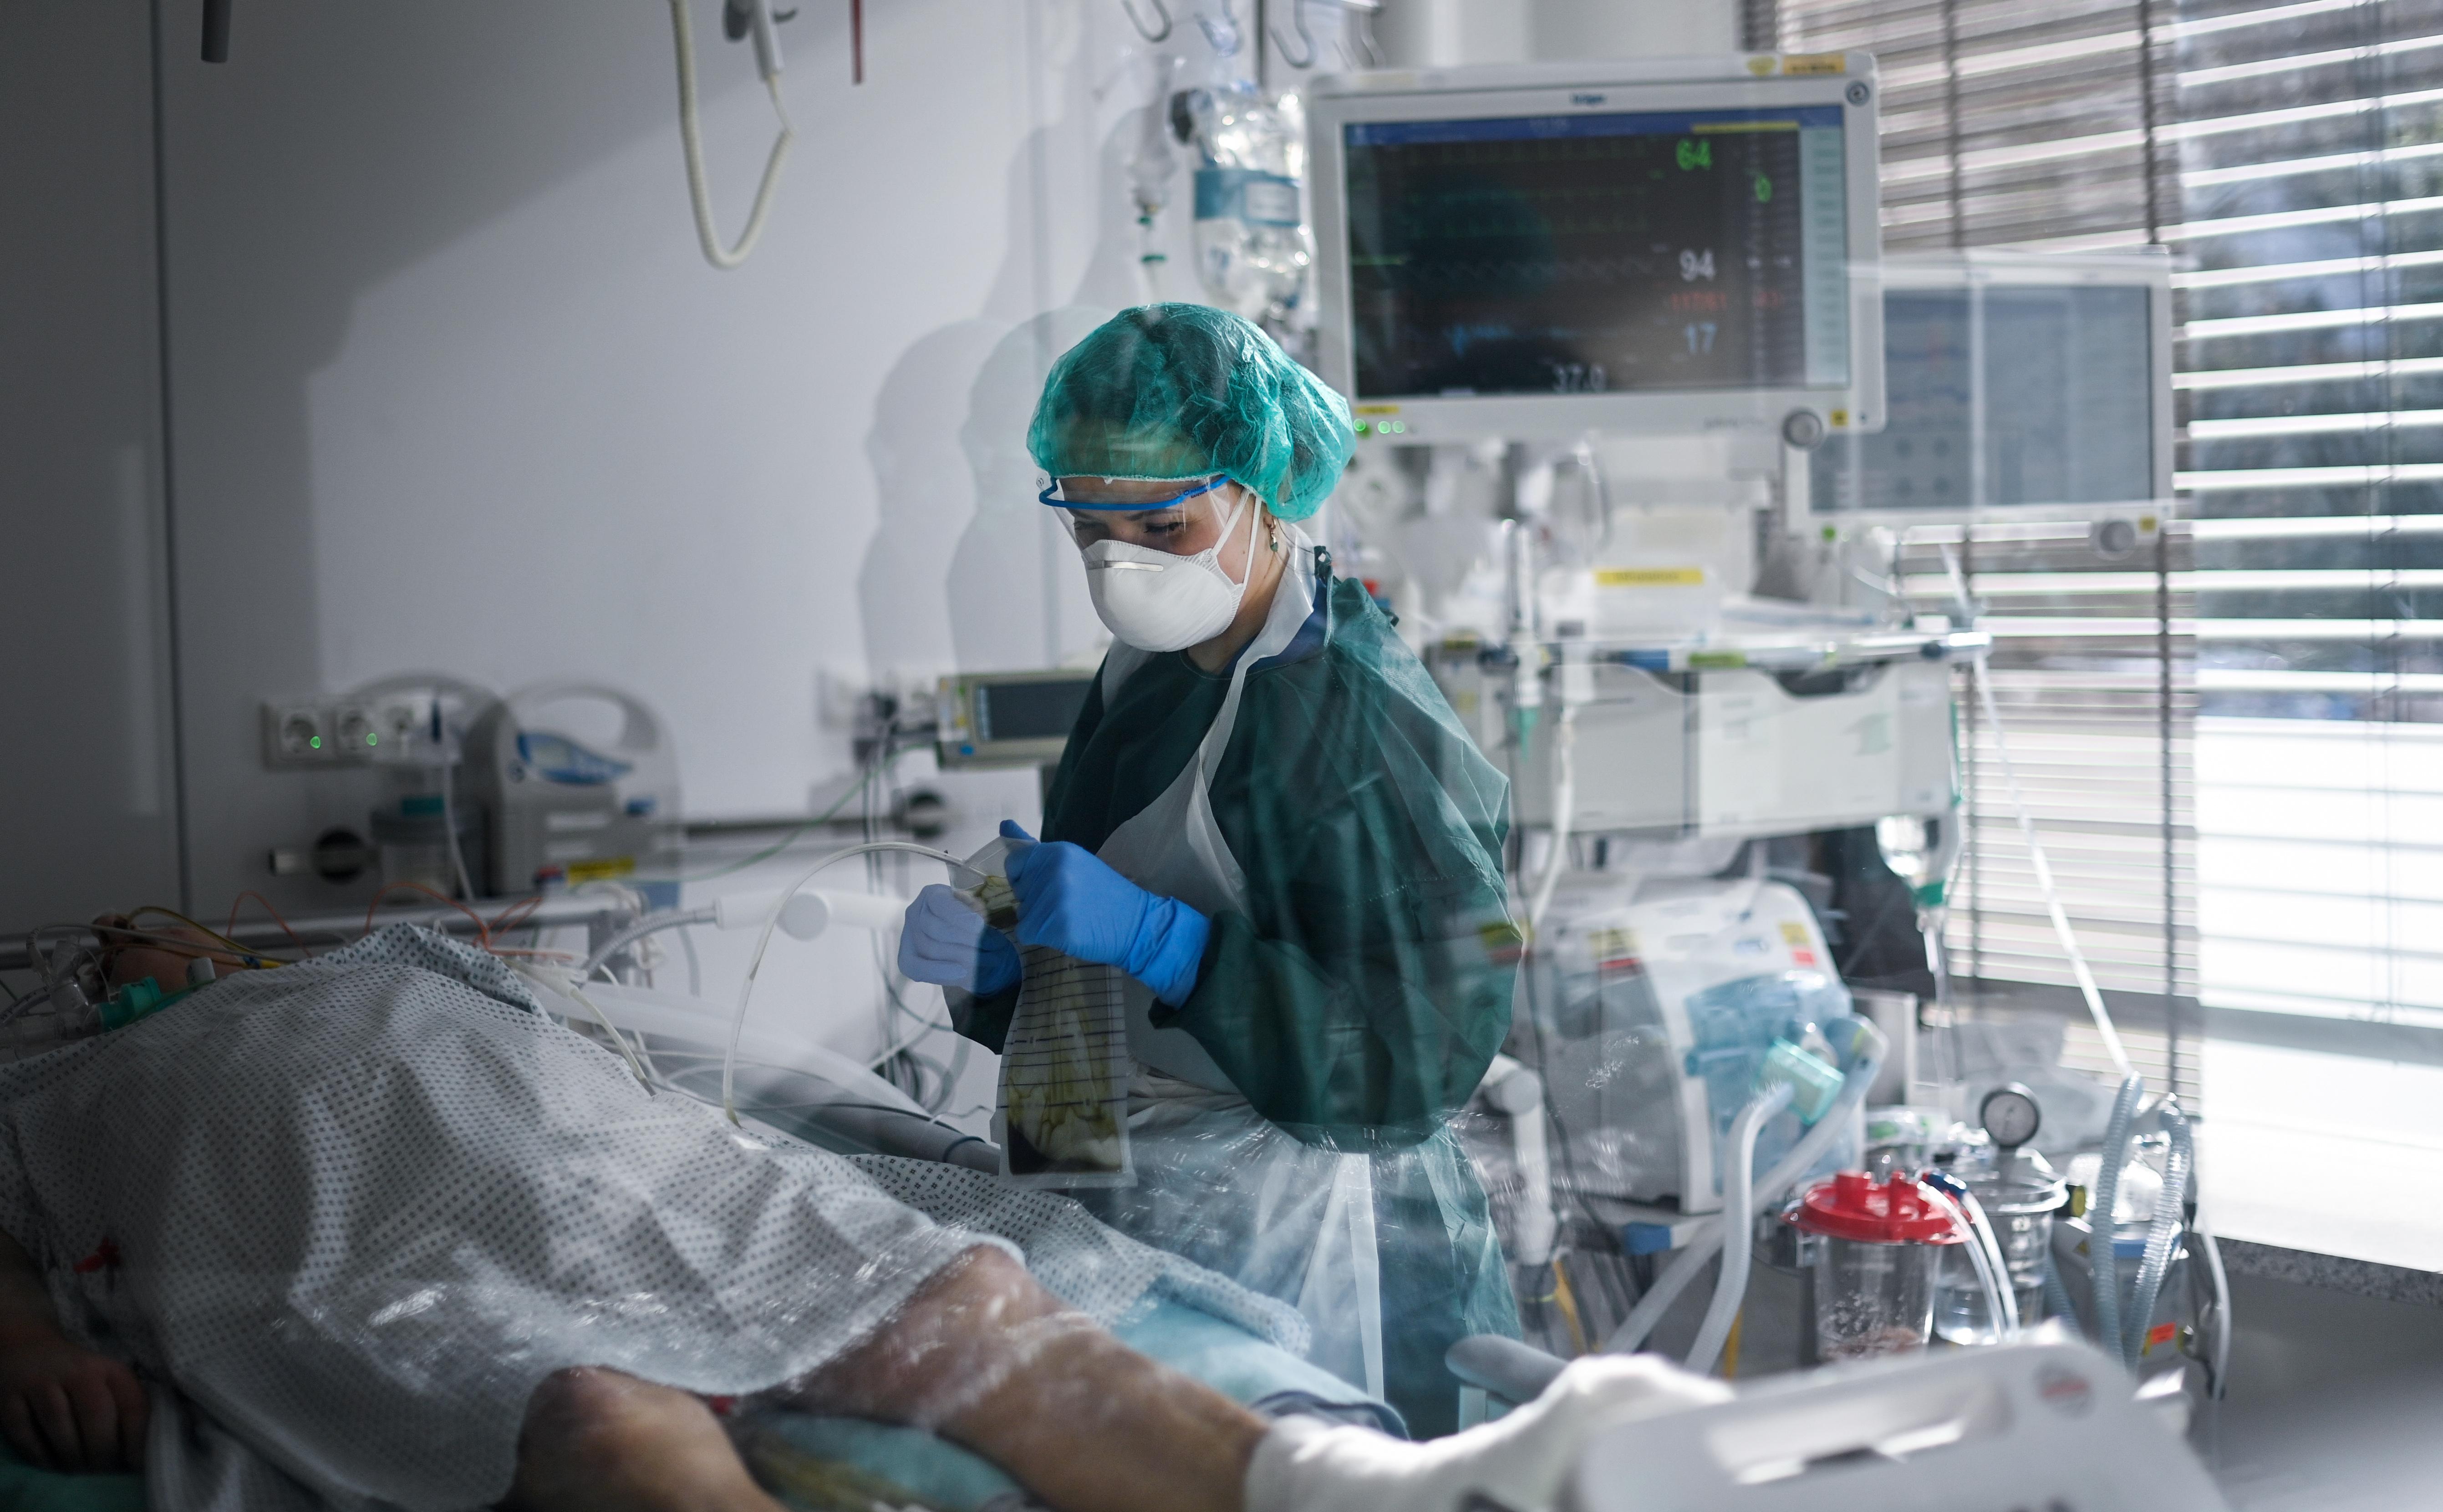 Nincs elég orvos a rekordszámú koronavírusos fertőzöttre Portugáliában